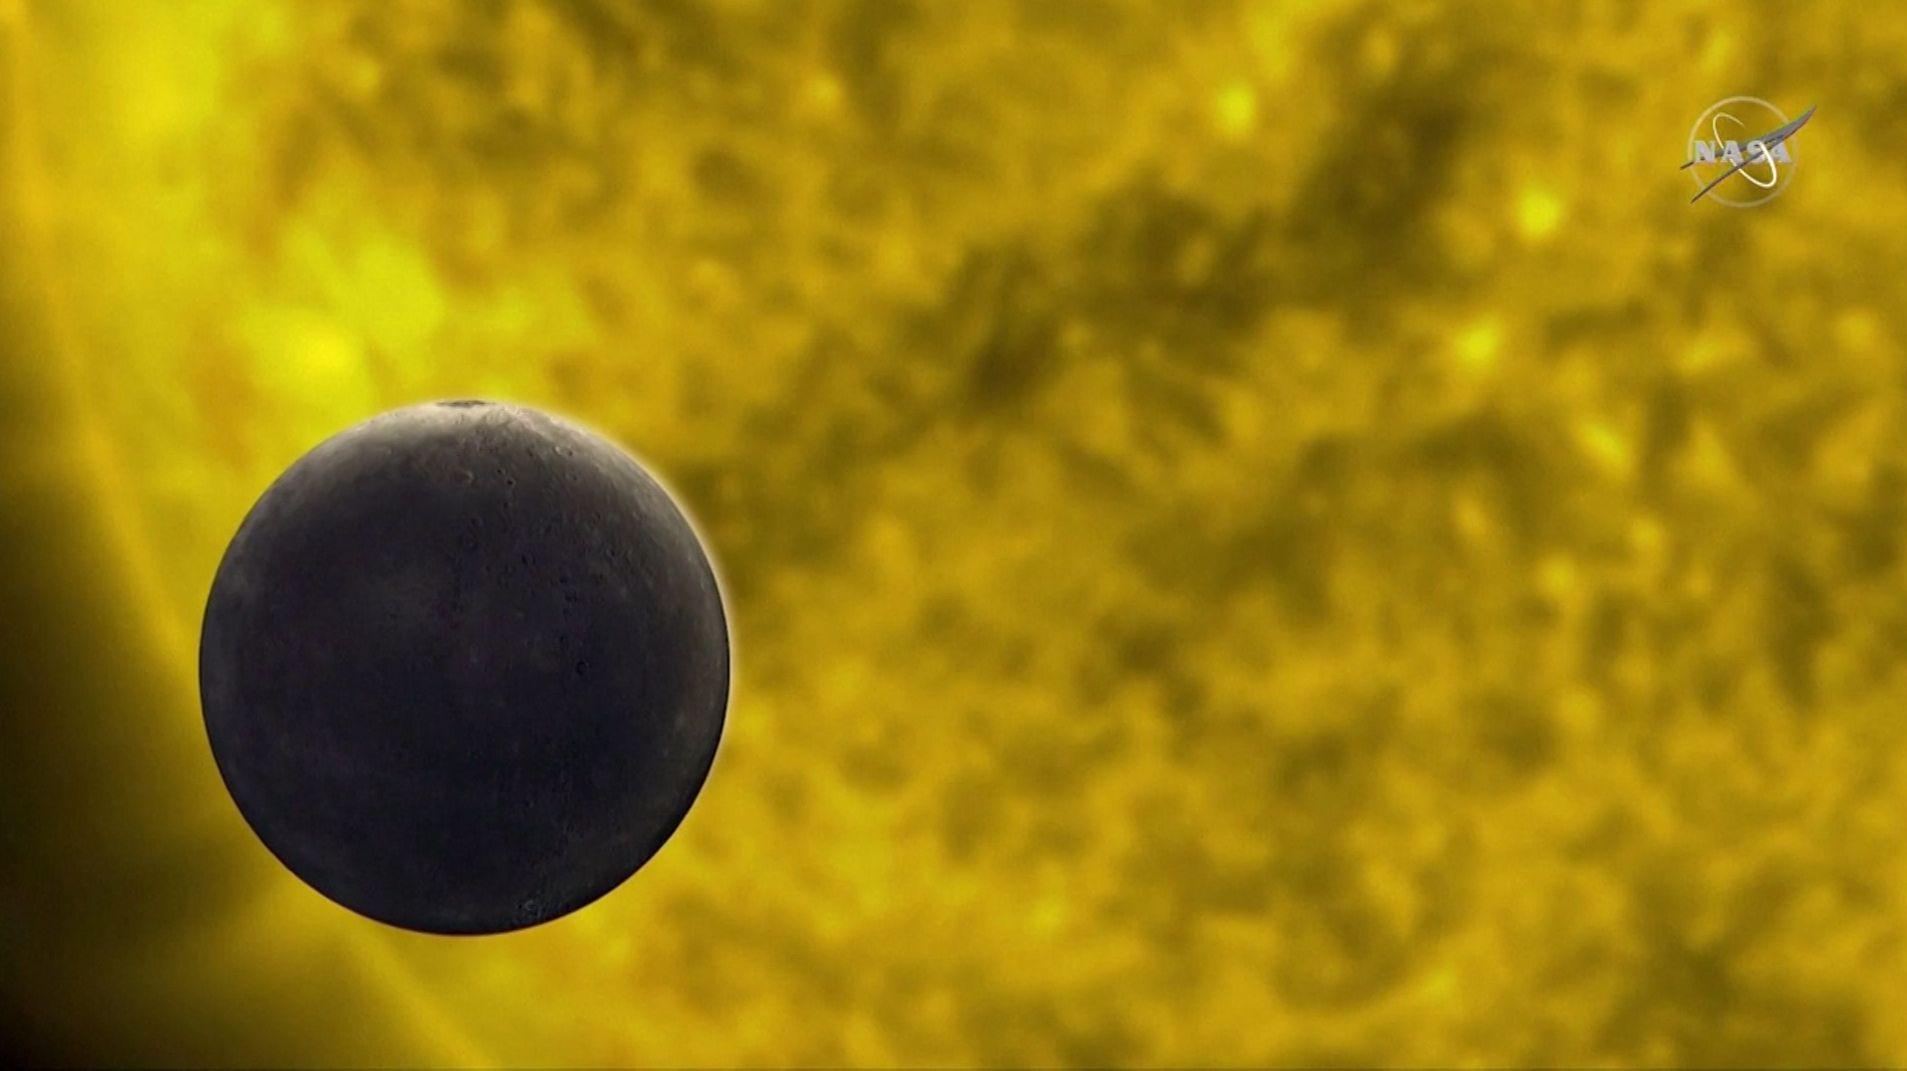 Der Merkur schiebt sich auf seinem Umlauf zwischen die Sonne und die Erde